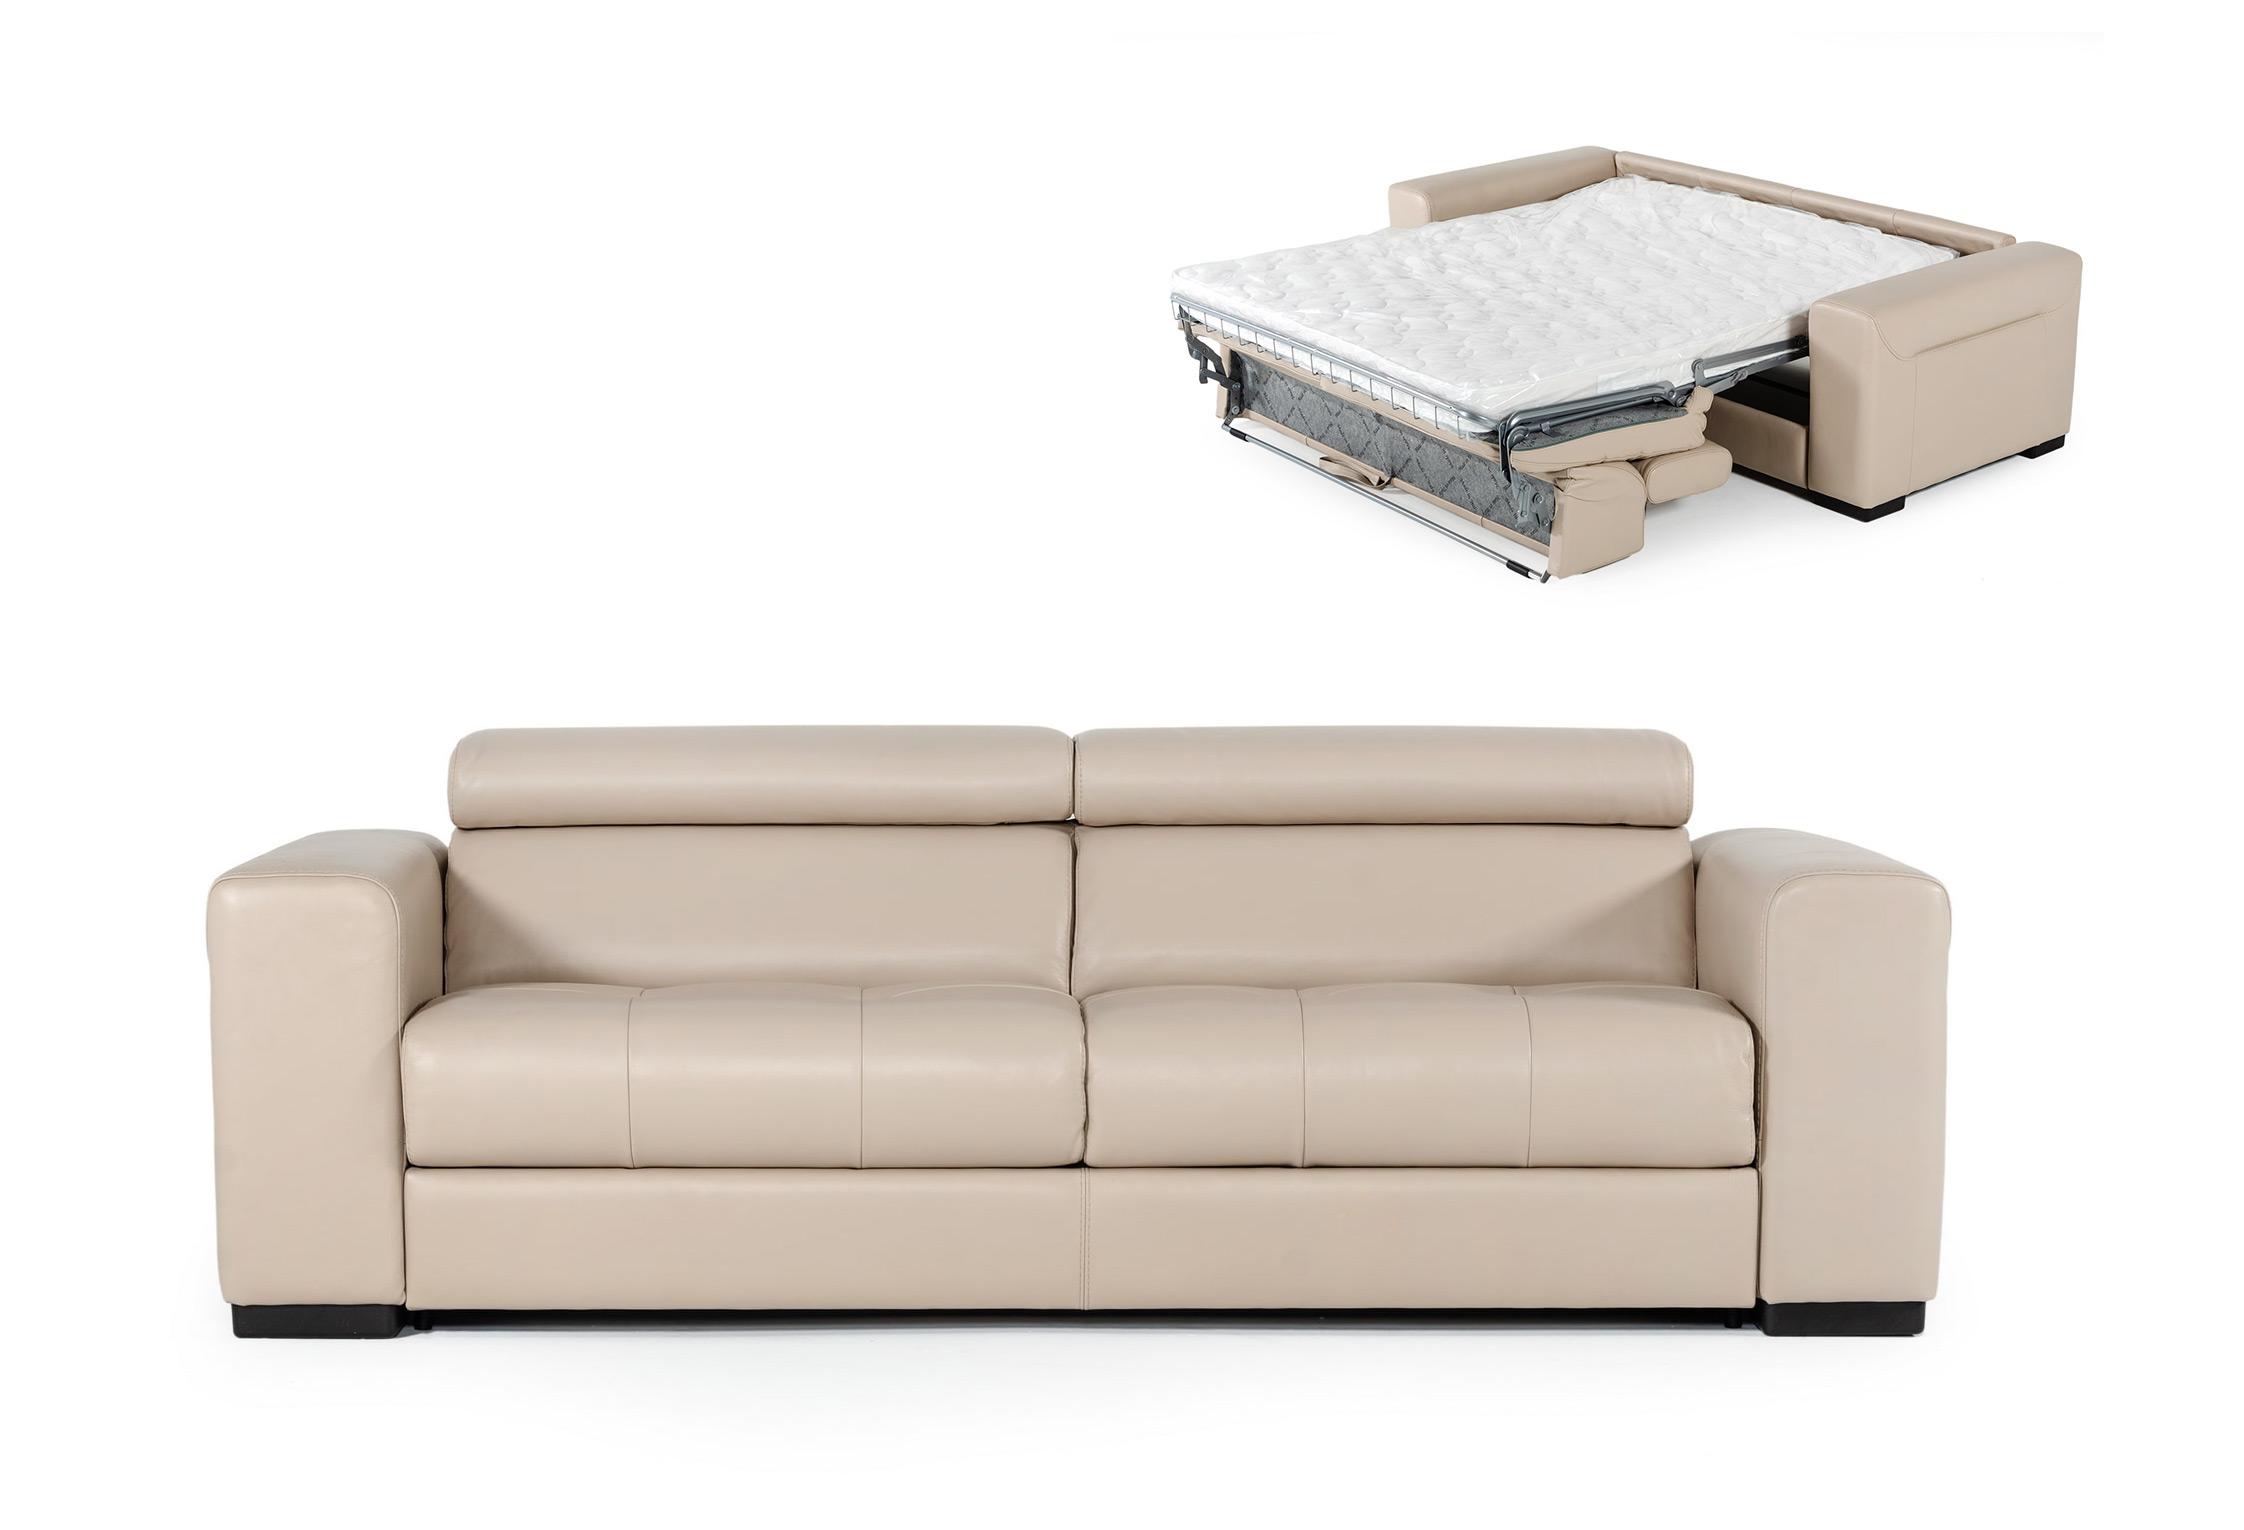 VIG Furniture Coronelli Collezioni Icon Modern Italian Leather Sofa Bed